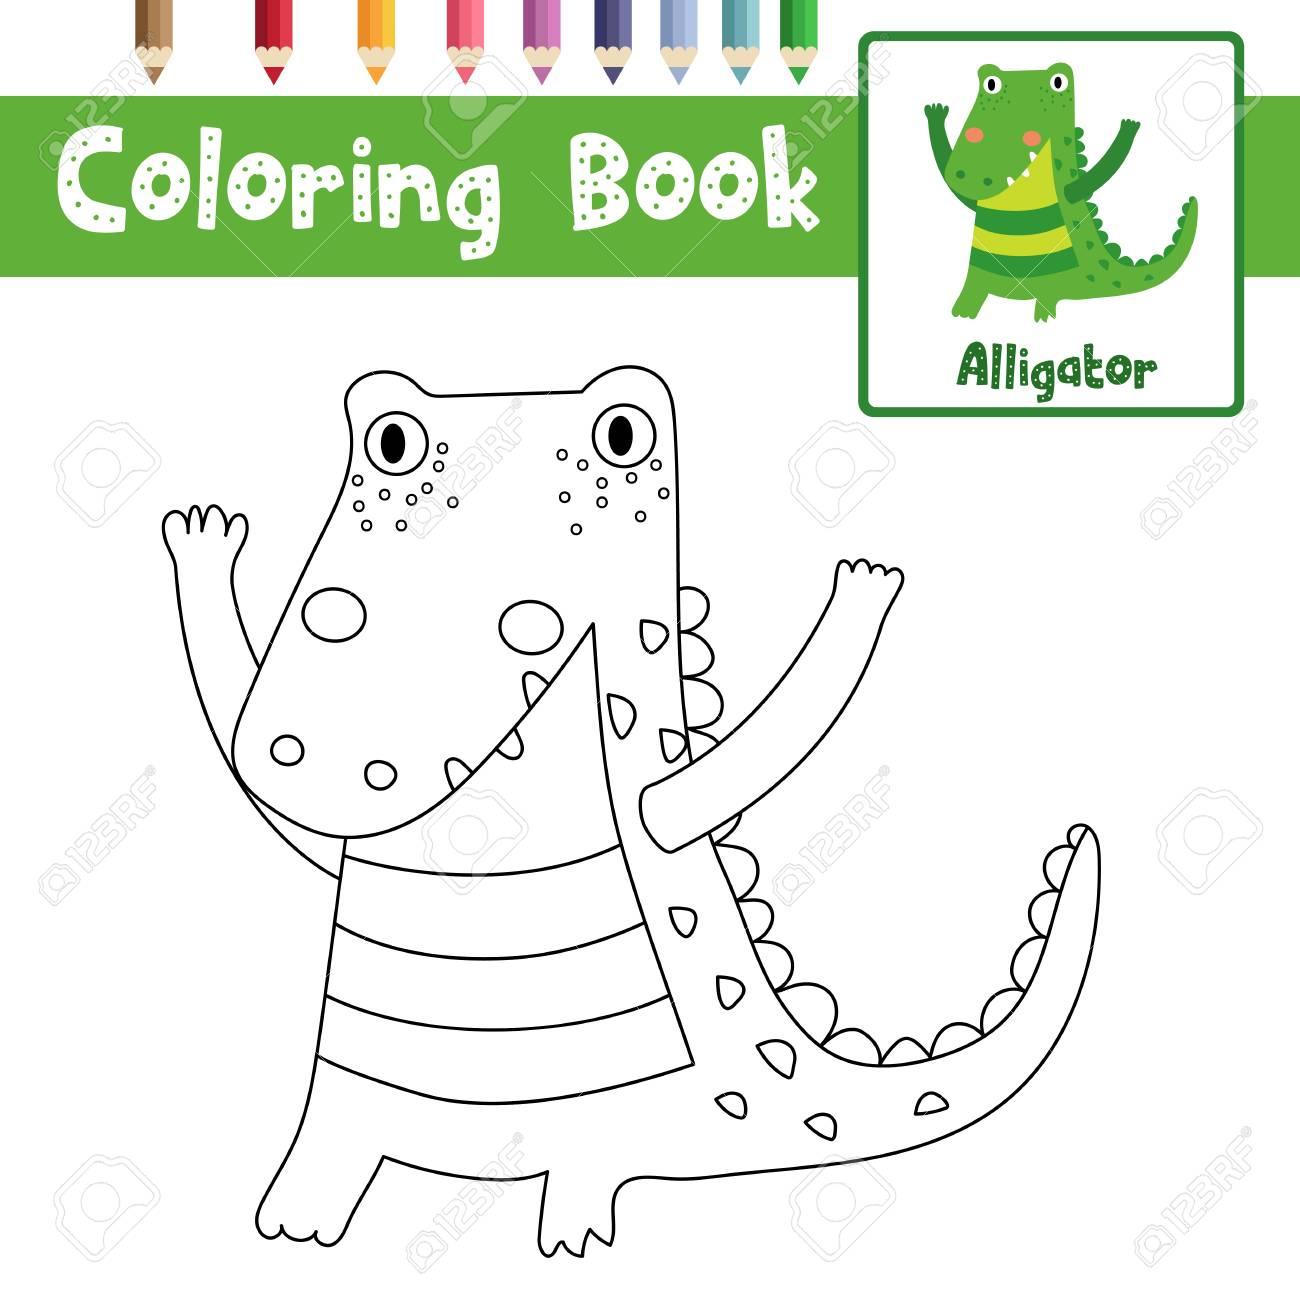 Färbung Seite Der Stehenden Alligator Tiere Für Vorschule Kinder ...